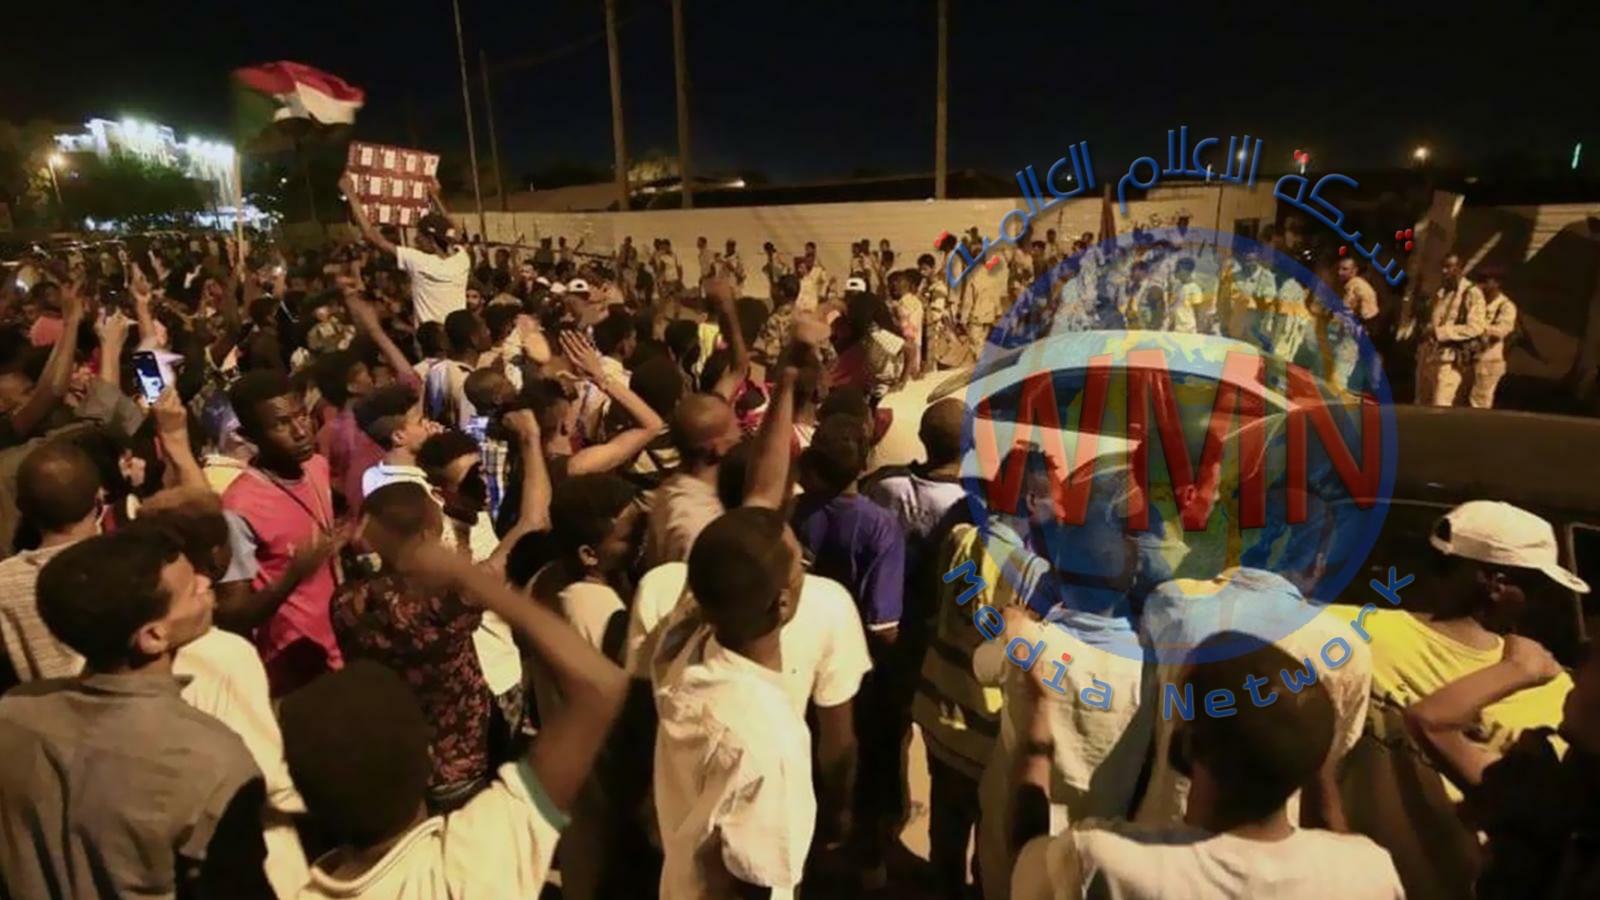 العسكري السوداني يعلق المفاوضات حتى رفع الحواجز من الطرق